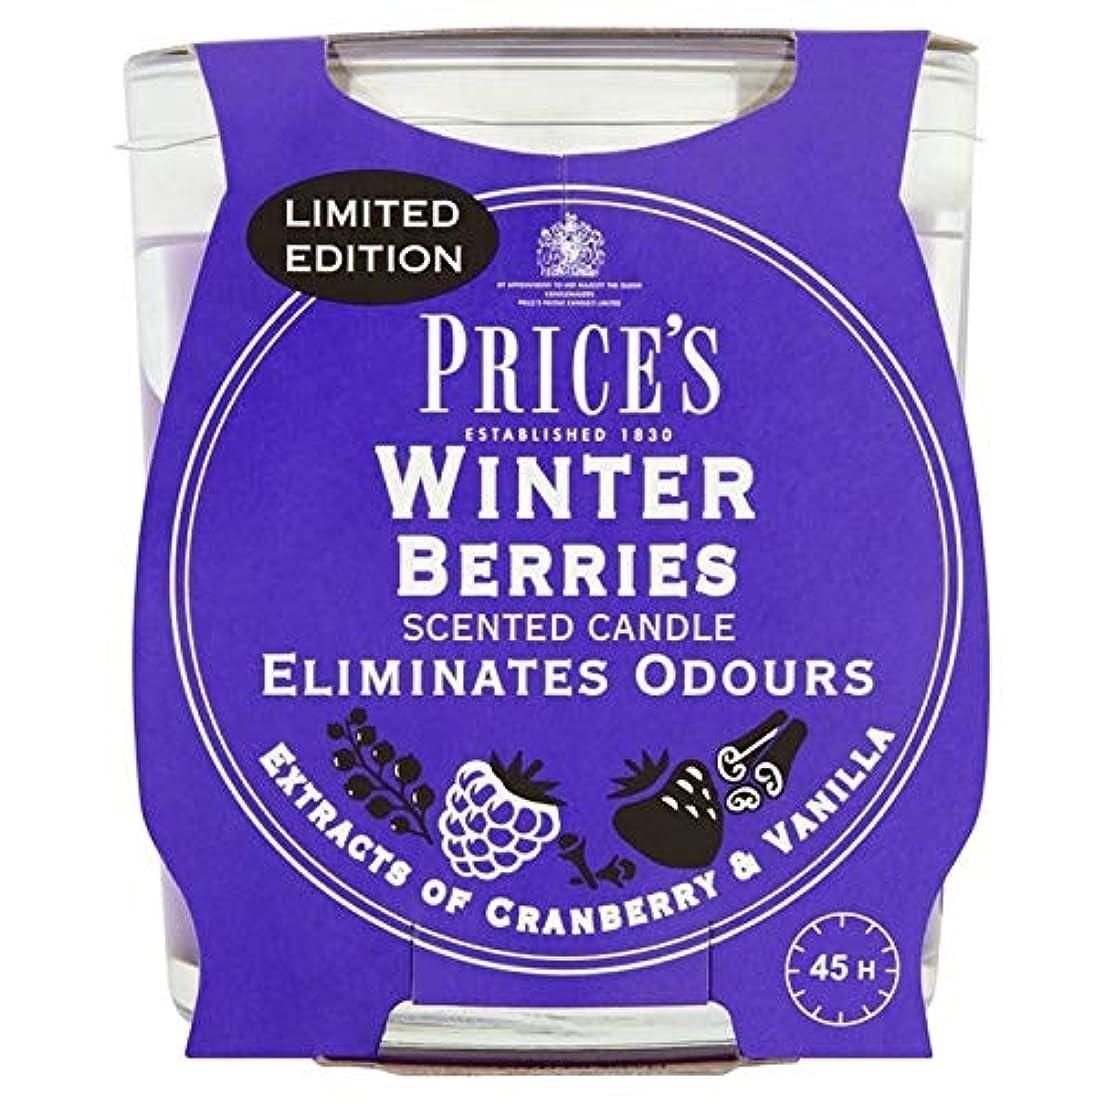 無秩序息苦しい和らげる[Prices ] 価格の冬のベリーの香りのキャンドル - Price's Winter Berries Scented Candle [並行輸入品]